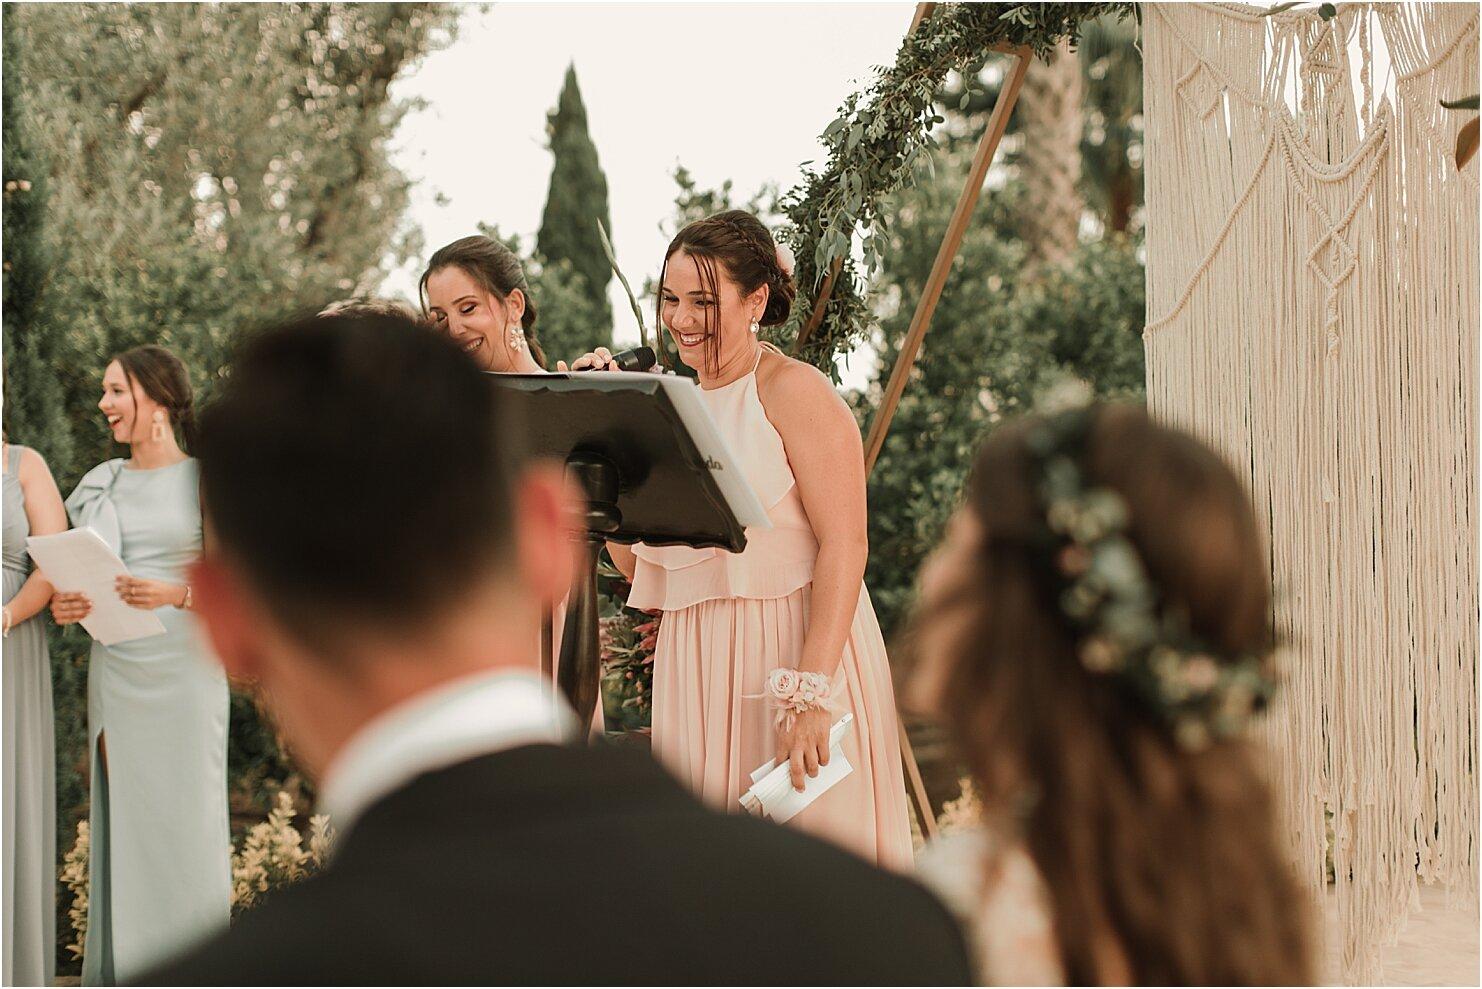 boda-romantica-boda-boho-vestido-de-novia-laura-lomas26.jpg